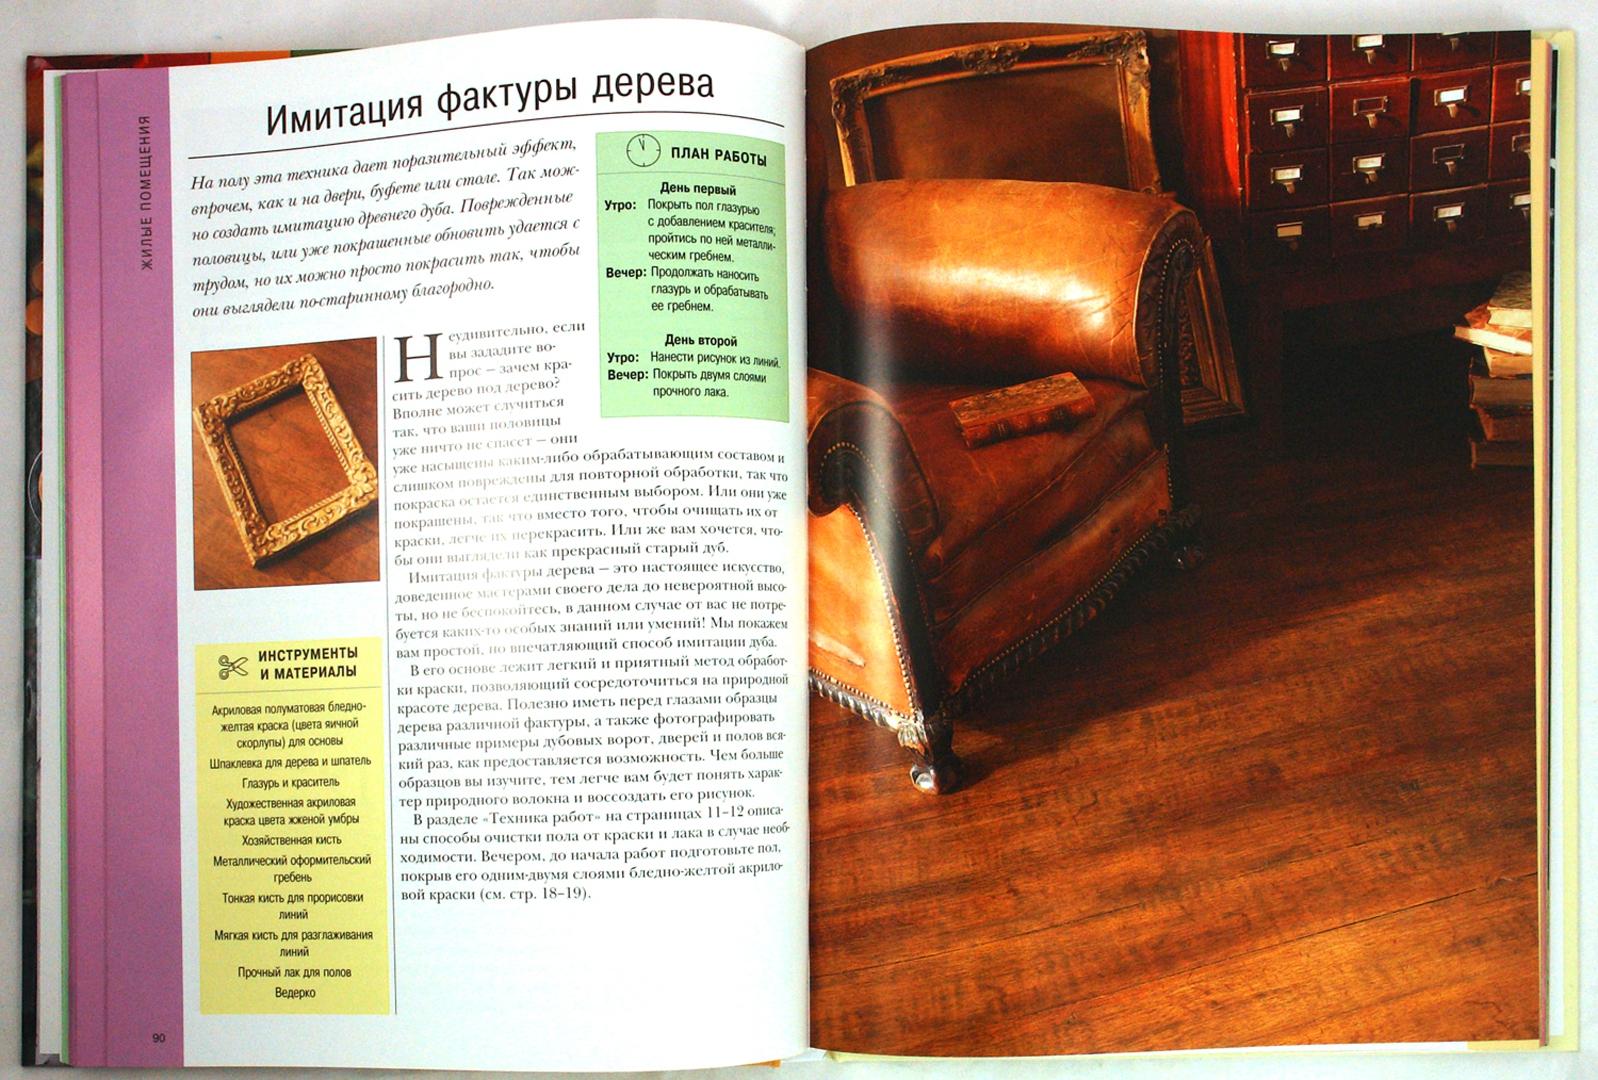 Иллюстрация 1 из 21 для Уютный дом за выходные: 50 идей для дизайна и декорирования | Лабиринт - книги. Источник: Лабиринт